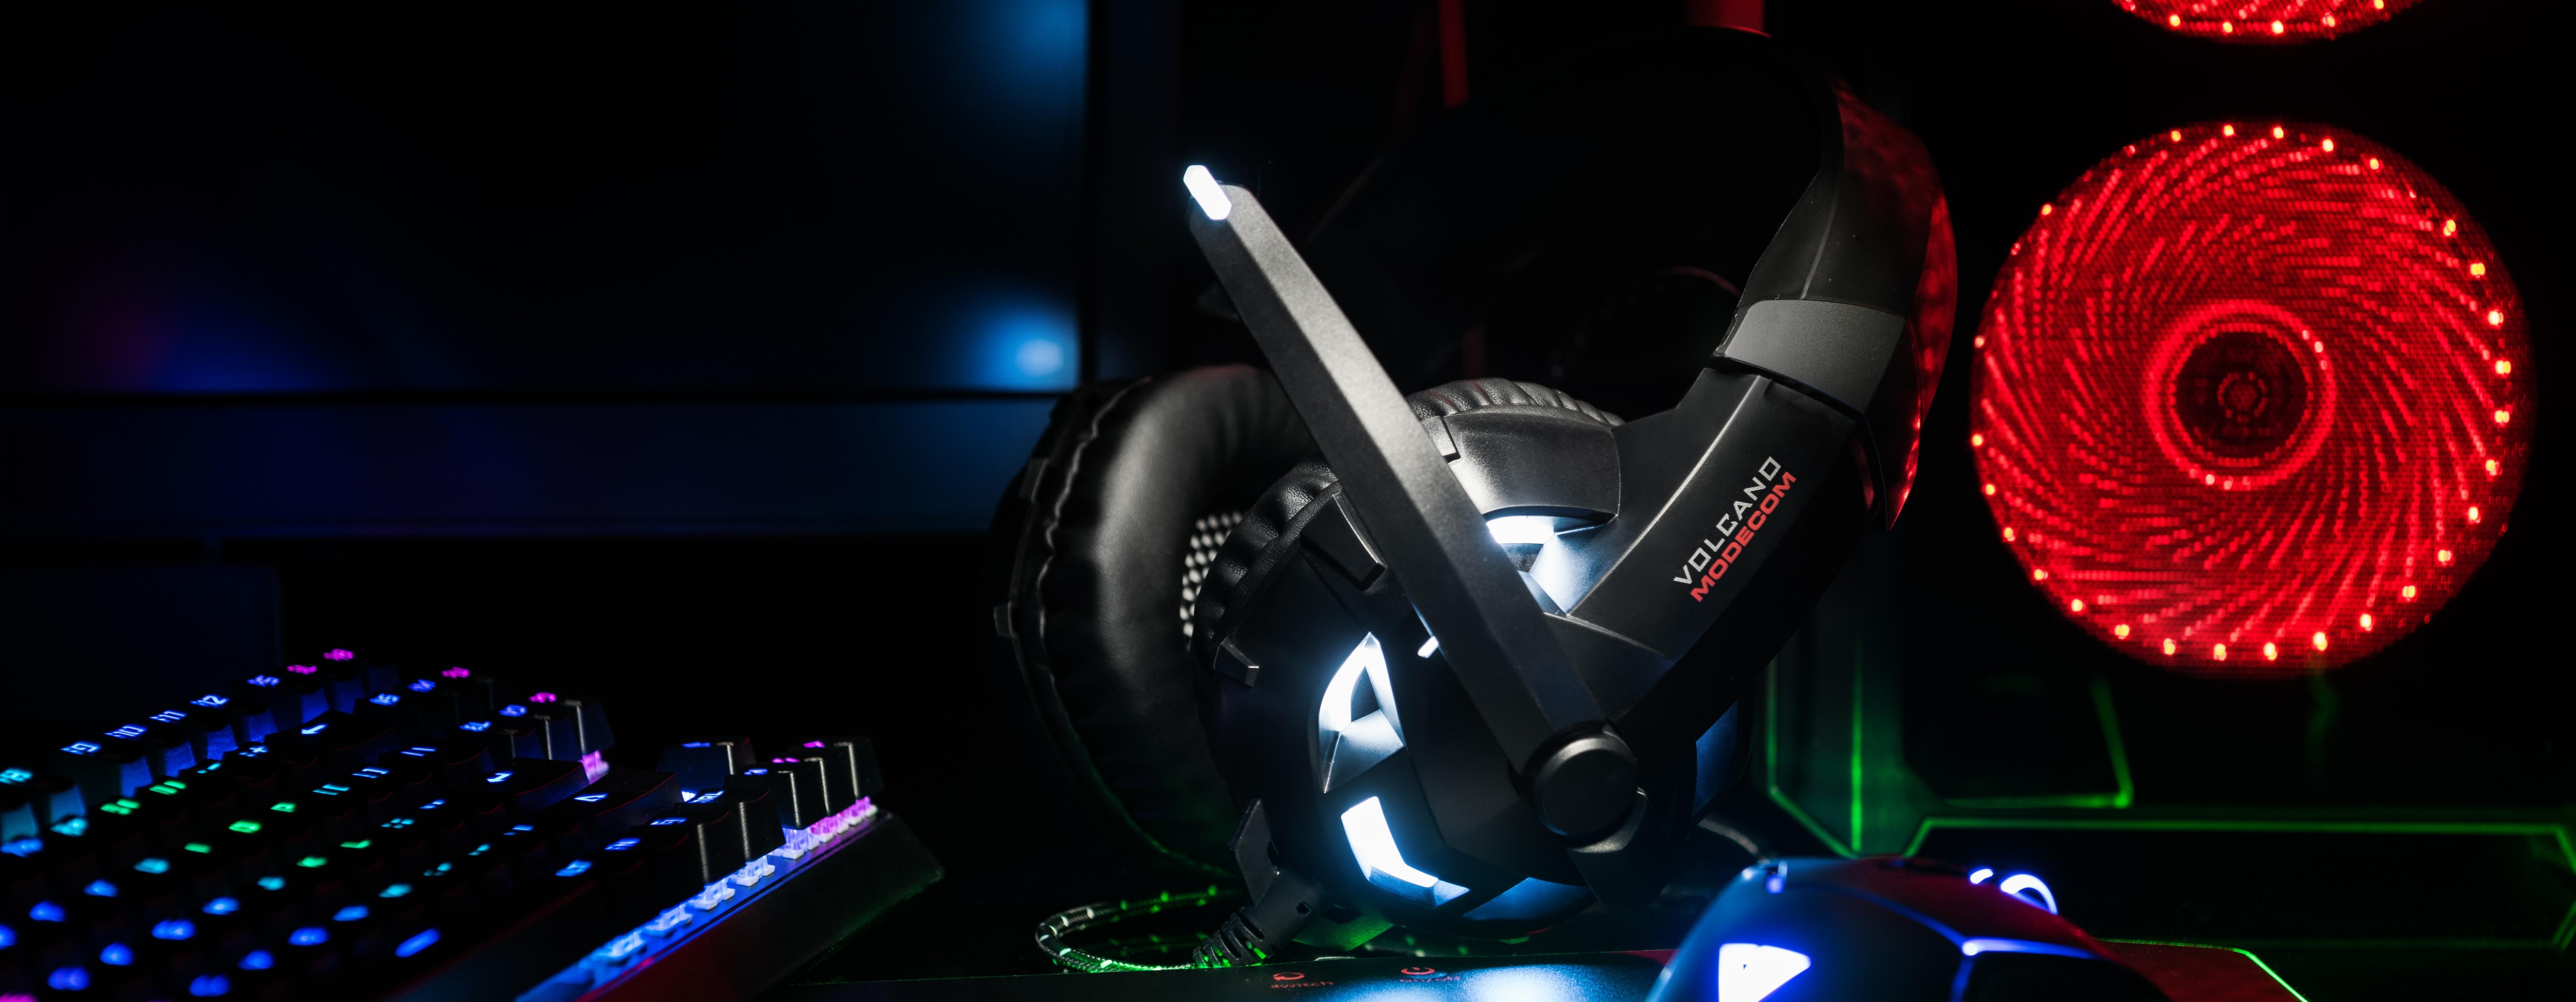 MODECOM VOLCANO MC-849 SHIELD žaidimų ausinės su mikrofonu